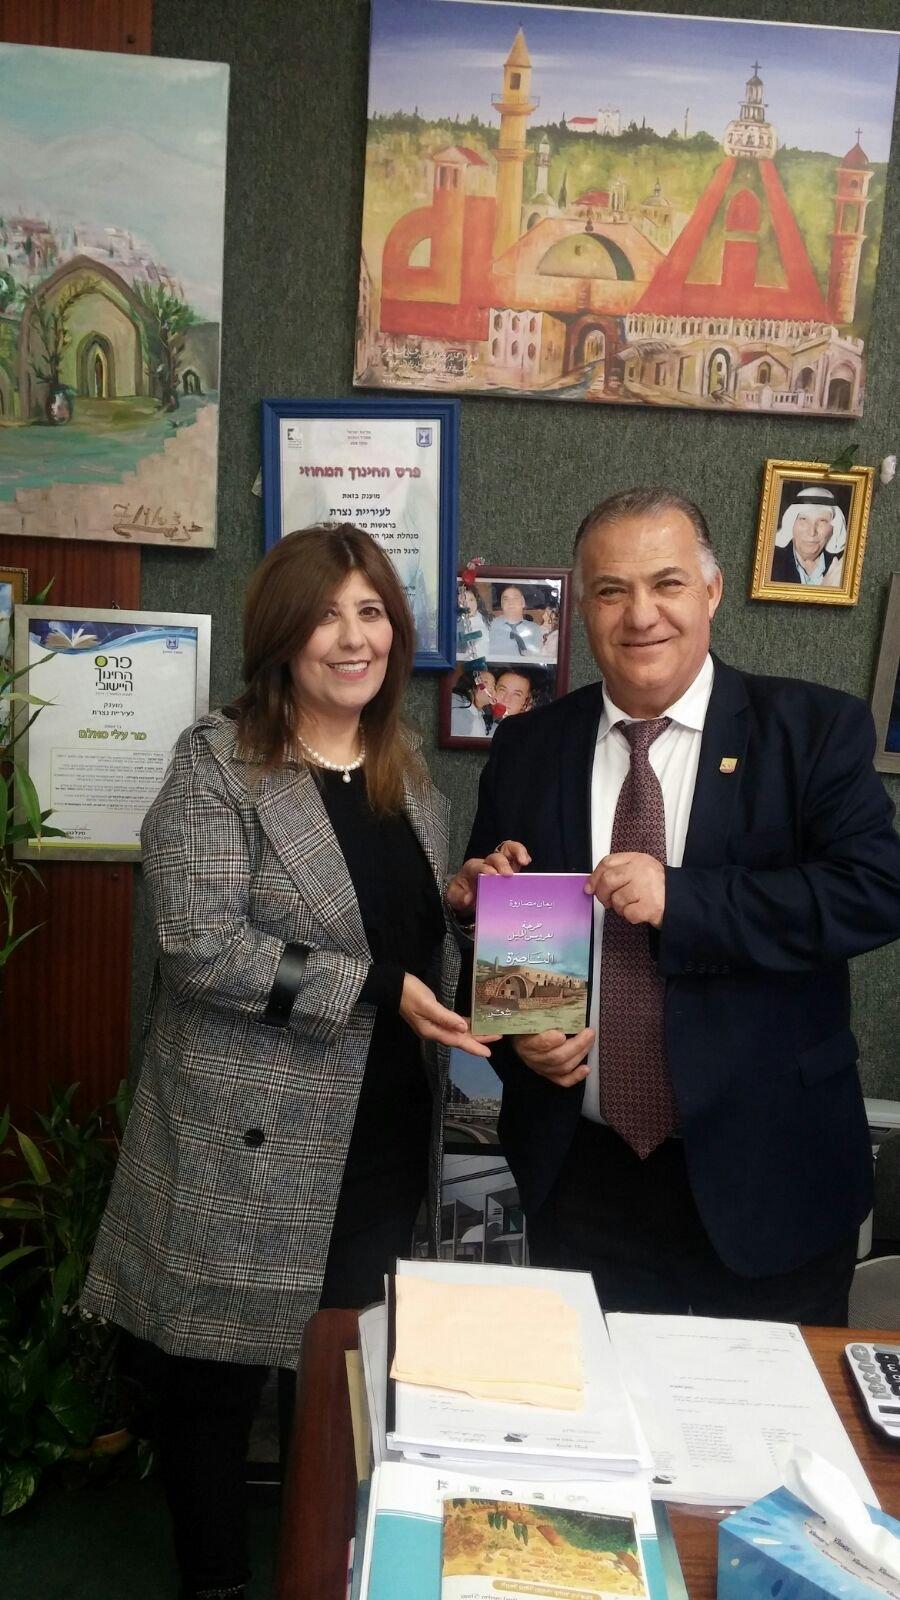 الشاعرة ايمان مصاروة تقدم  طرحة لعروس الجليل   لرئيس بلدية الناصرة